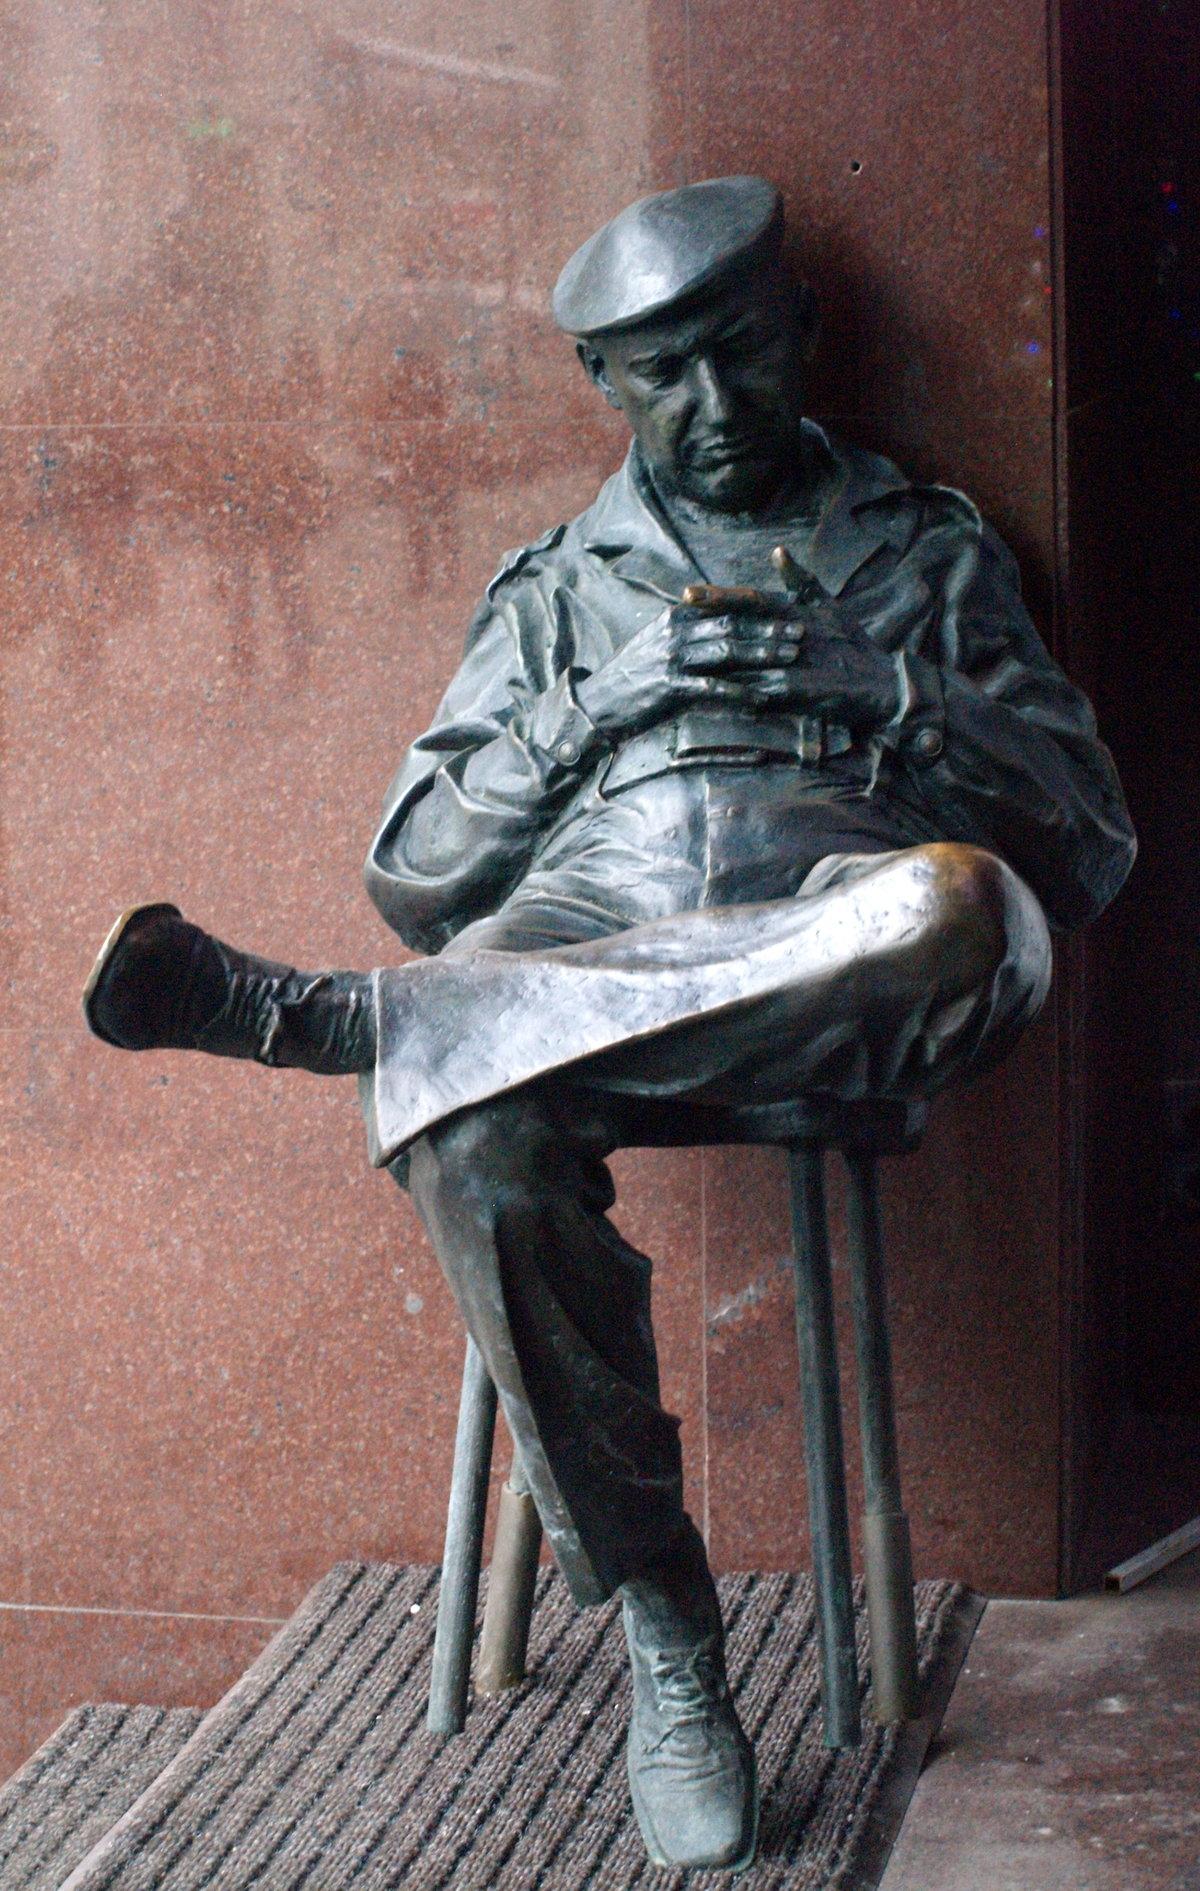 галерея сторожа статуй отбиты члены образец